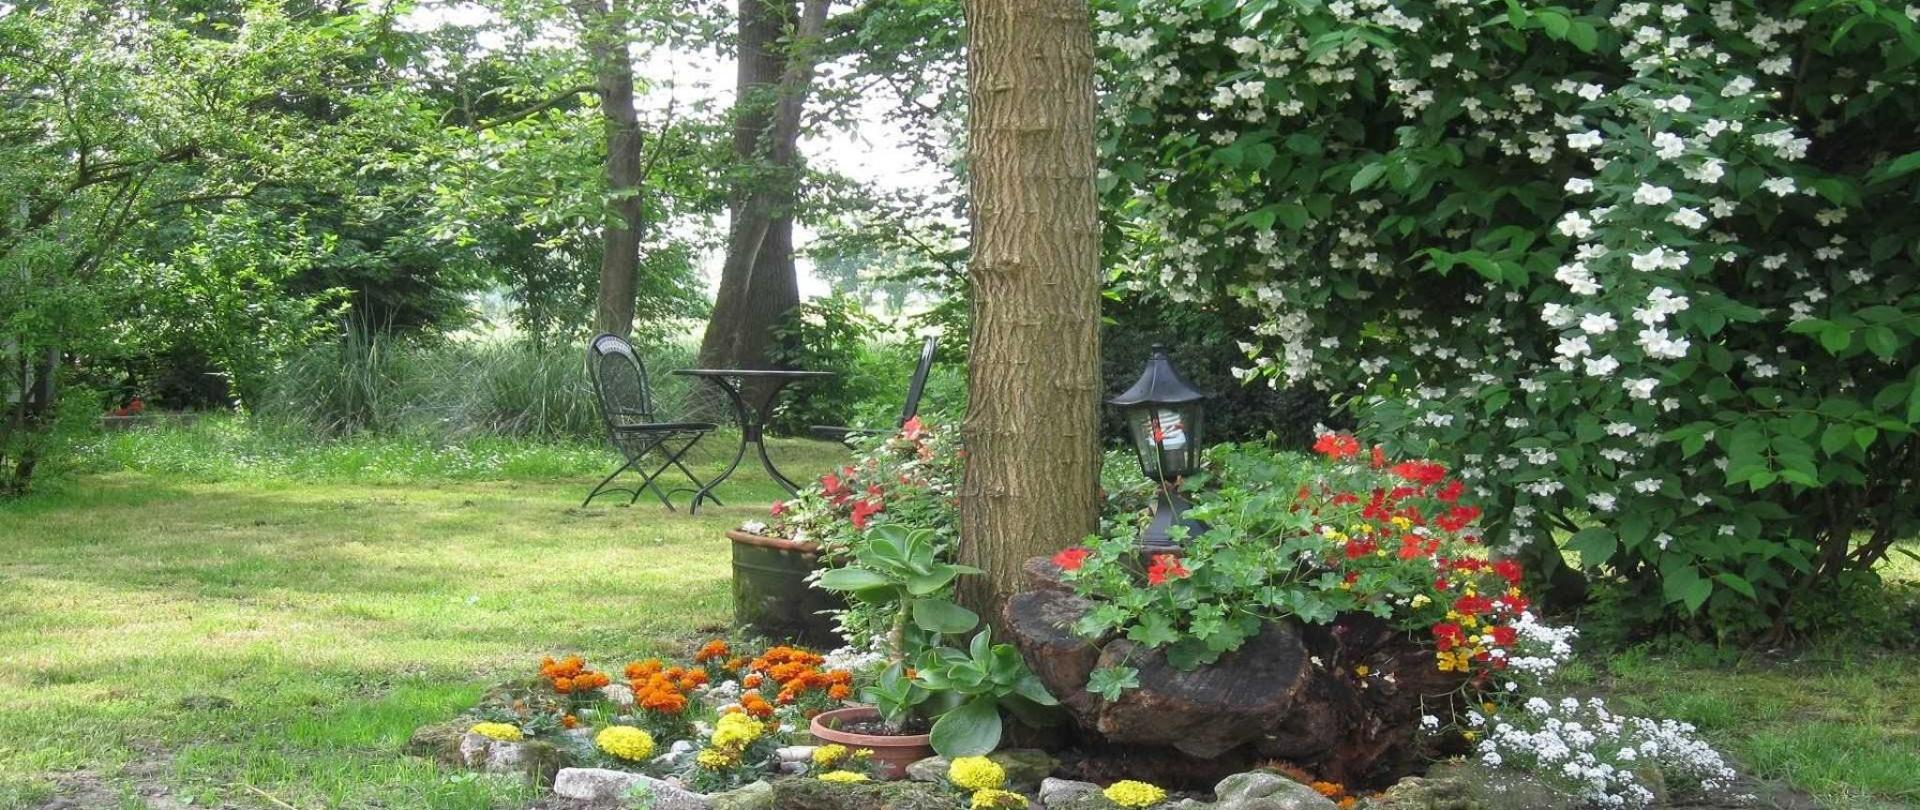 giardino-1-b-b-prisca-mirabilandia-2.jpg